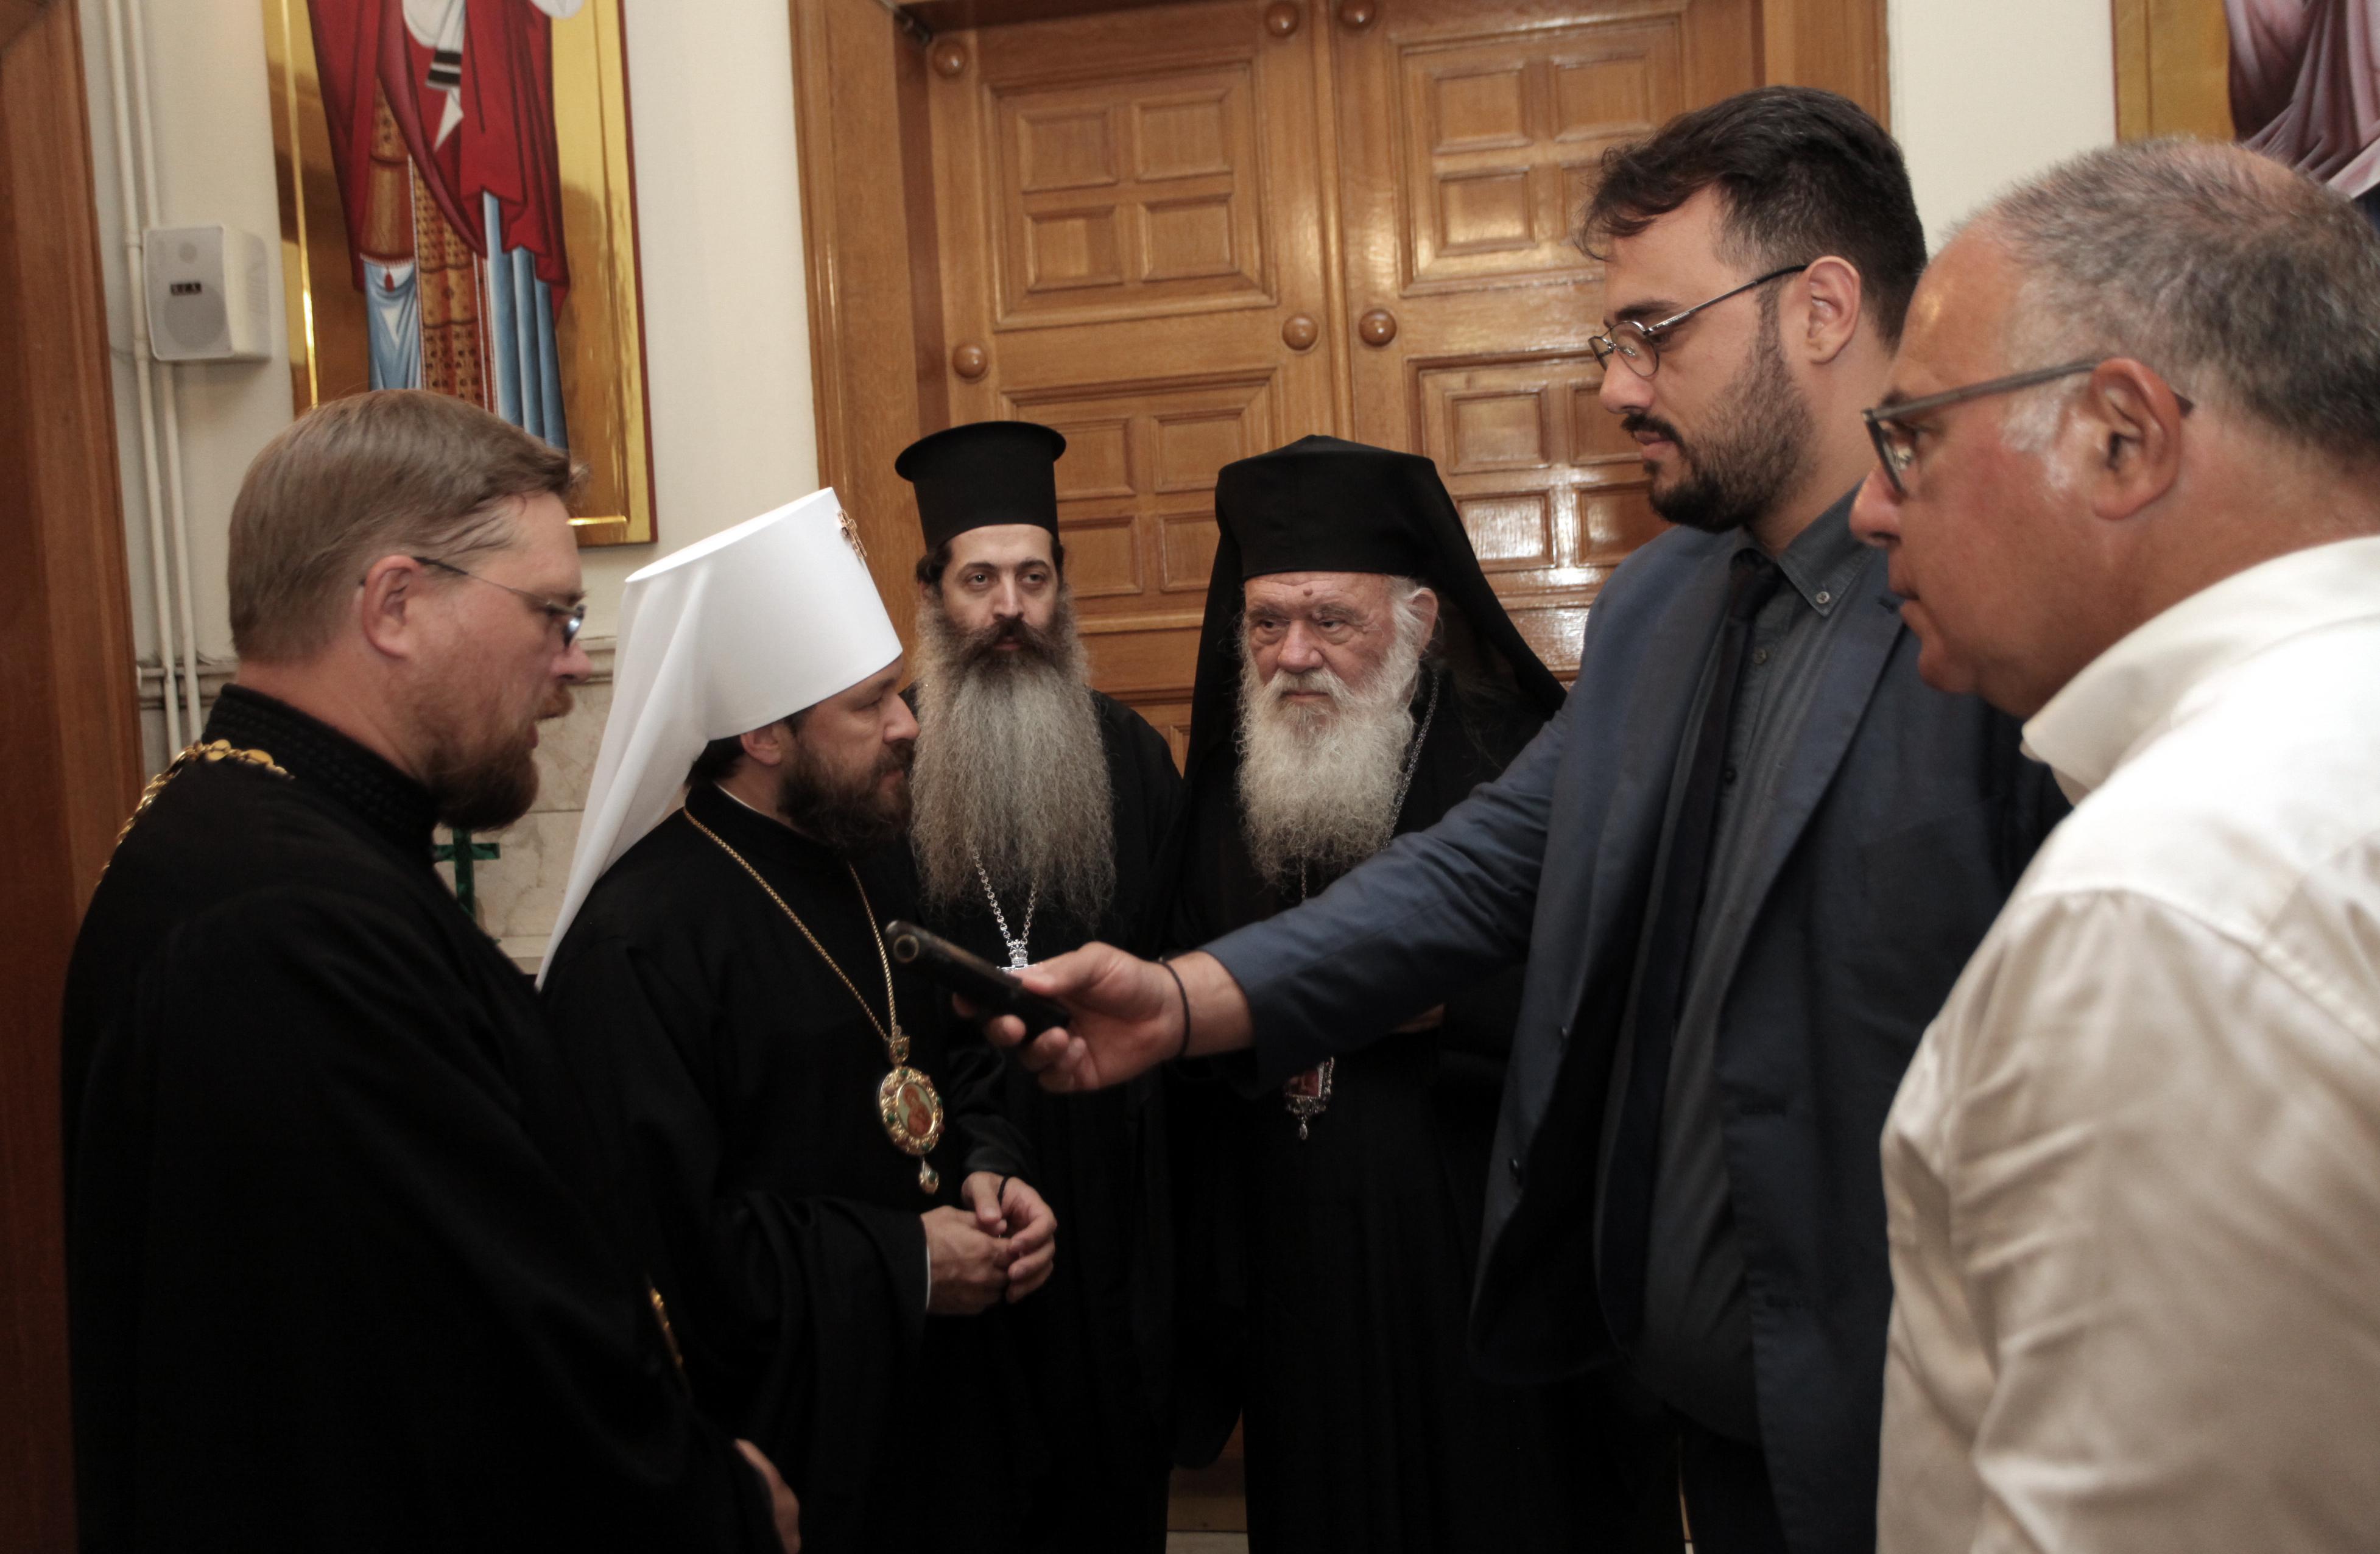 Συνάντηση Αρχιεπισκόπου Αθηνών & πάσης Ελλάδος κ. Ιερωνύμου με τον Μητροπολίτη Βολοκολάμσκ FOTO